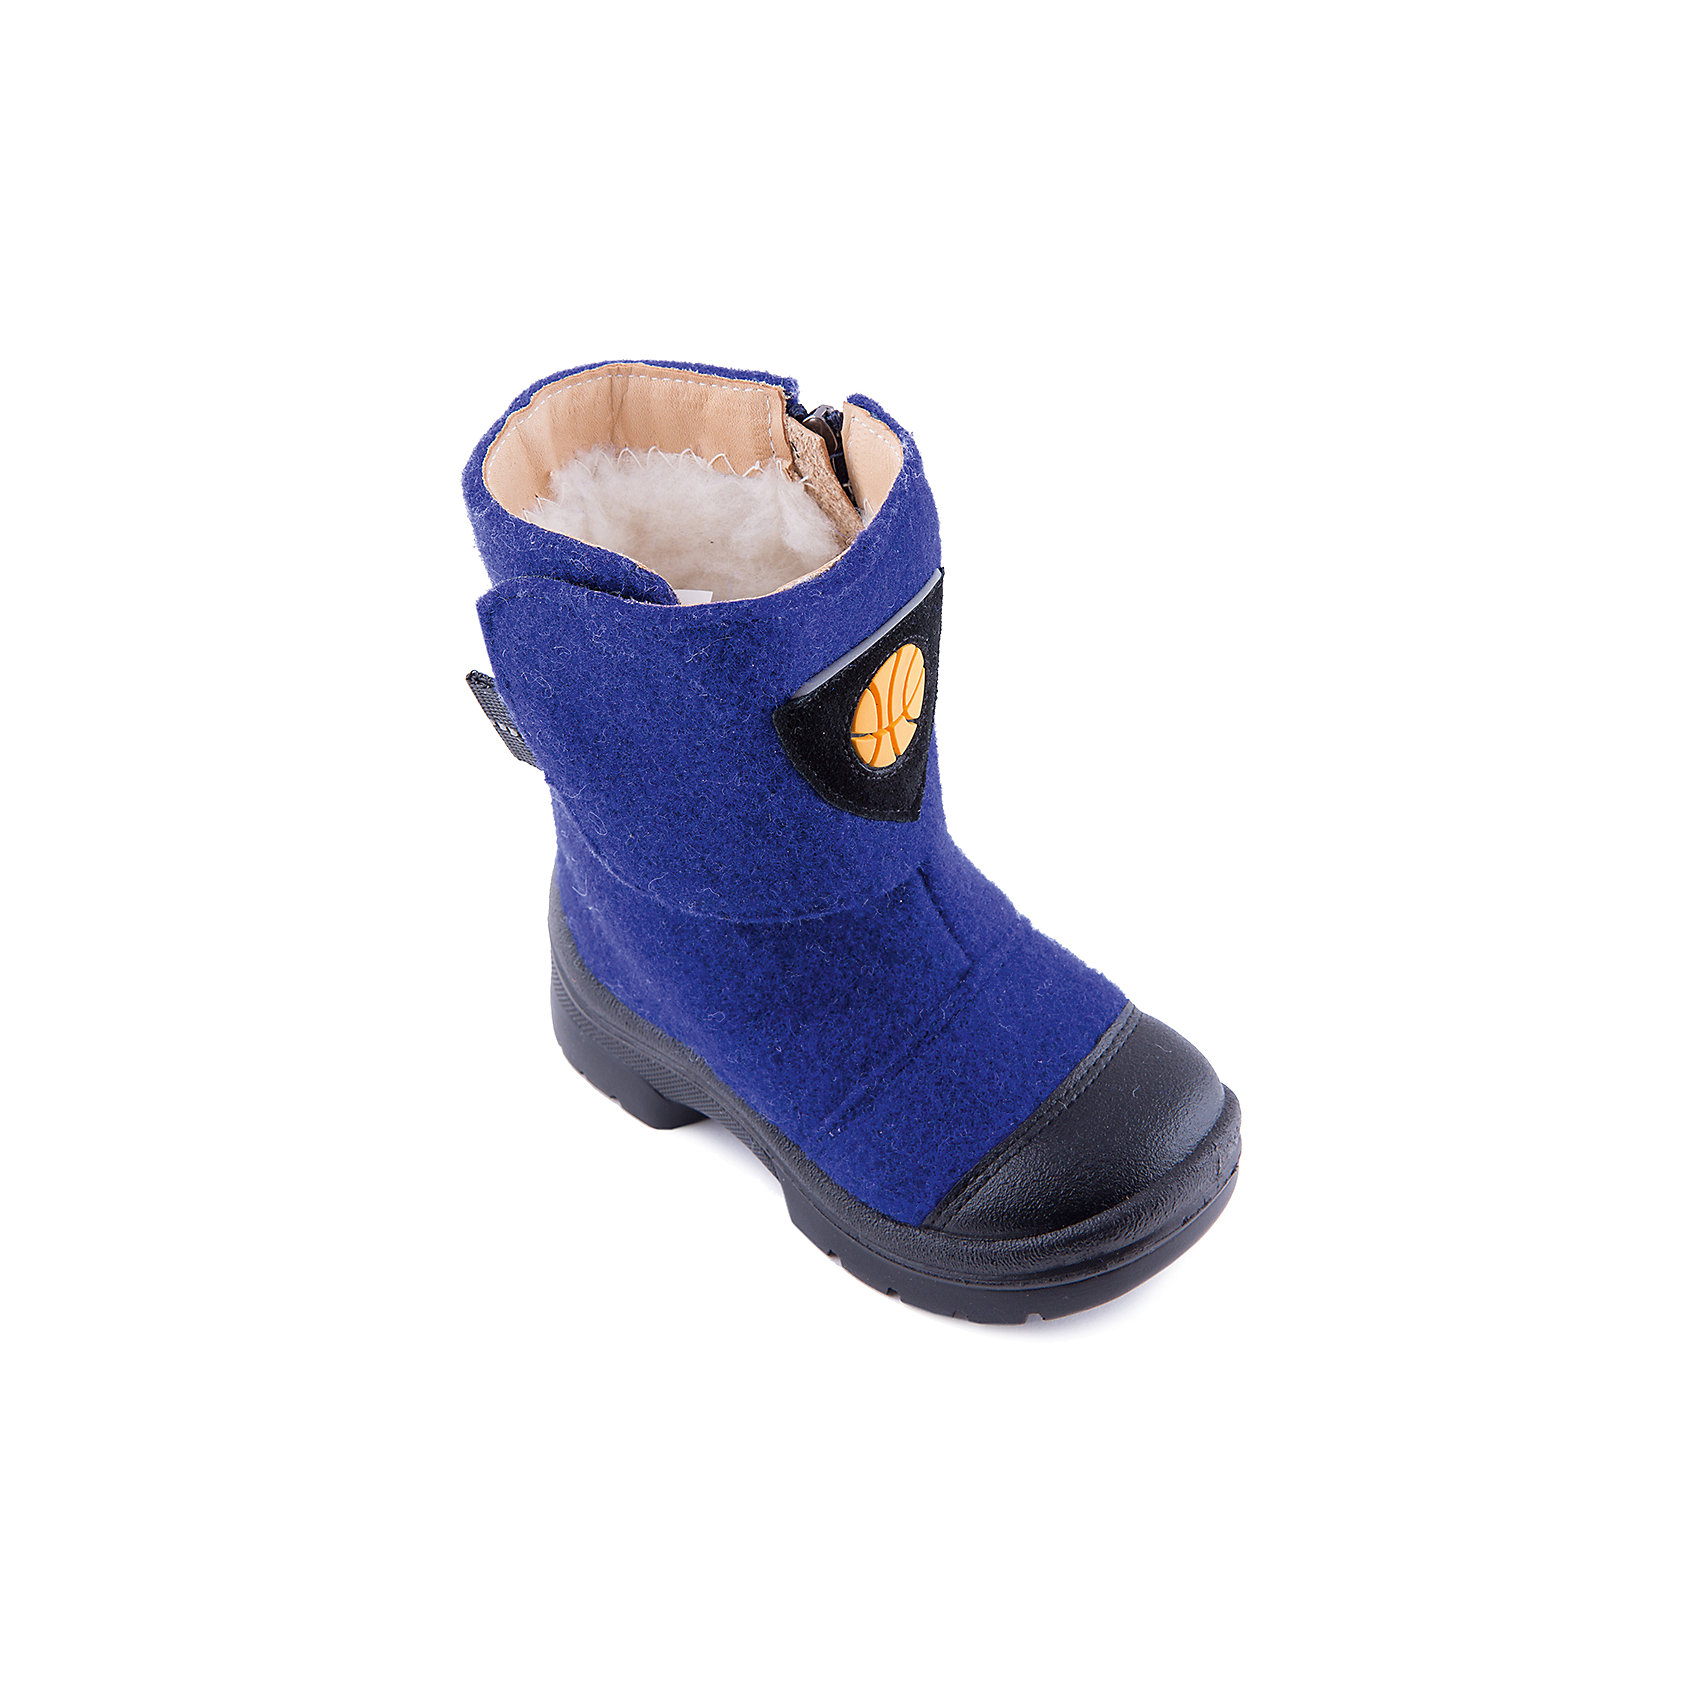 Валенки Баскетбол для мальчика ФилипокВаленки<br>Характеристики товара:<br><br>• цвет: синий<br>• температурный режим: от -5° С до -30° С<br>• внешний материал: эко-войлок (натуральная шерсть)<br>• подкладка: натуральная овечья шерсть<br>• стелька: шерстяной войлок (3,5 мм)<br>• подошва: литая, полиуретан<br>• декорированы аппликацией<br>• подошва с анти скользящей с системой протектора anti slip<br>• застежка: молния, липучка<br>• защита носка - натуральная кожа с износостойкой пропиткой<br>• усиленная пятка<br>• толстая устойчивая подошва<br>• страна бренда: РФ<br>• страна изготовитель: РФ<br><br>Очень теплые и удобные валенки для ребенка от известного бренда детской обуви Филипок созданы специально для русской зимы. Качественные материалы с пропиткой против попадания воды внутрь и модный дизайн понравятся и малышам и их родителям. Подошва и стелька обеспечат ребенку комфорт, сухость и тепло, позволяя в полной мере наслаждаться зимним отдыхом. Усиленная защита пятки и носка обеспечивает дополнительную безопасность детских ног в этих сапожках.<br>Эта красивая и удобная обувь прослужит долго благодаря отличному качеству. Производитель анти скользящее покрытие и амортизирующие свойства подошвы! Модель производится из качественных и проверенных материалов, которые безопасны для детей.<br><br>Валенки для мальчика от бренда Филипок можно купить в нашем интернет-магазине.<br><br>Ширина мм: 257<br>Глубина мм: 180<br>Высота мм: 130<br>Вес г: 420<br>Цвет: синий<br>Возраст от месяцев: 21<br>Возраст до месяцев: 24<br>Пол: Мужской<br>Возраст: Детский<br>Размер: 24,32,25,27,26,23,28,29,30,31<br>SKU: 4207160